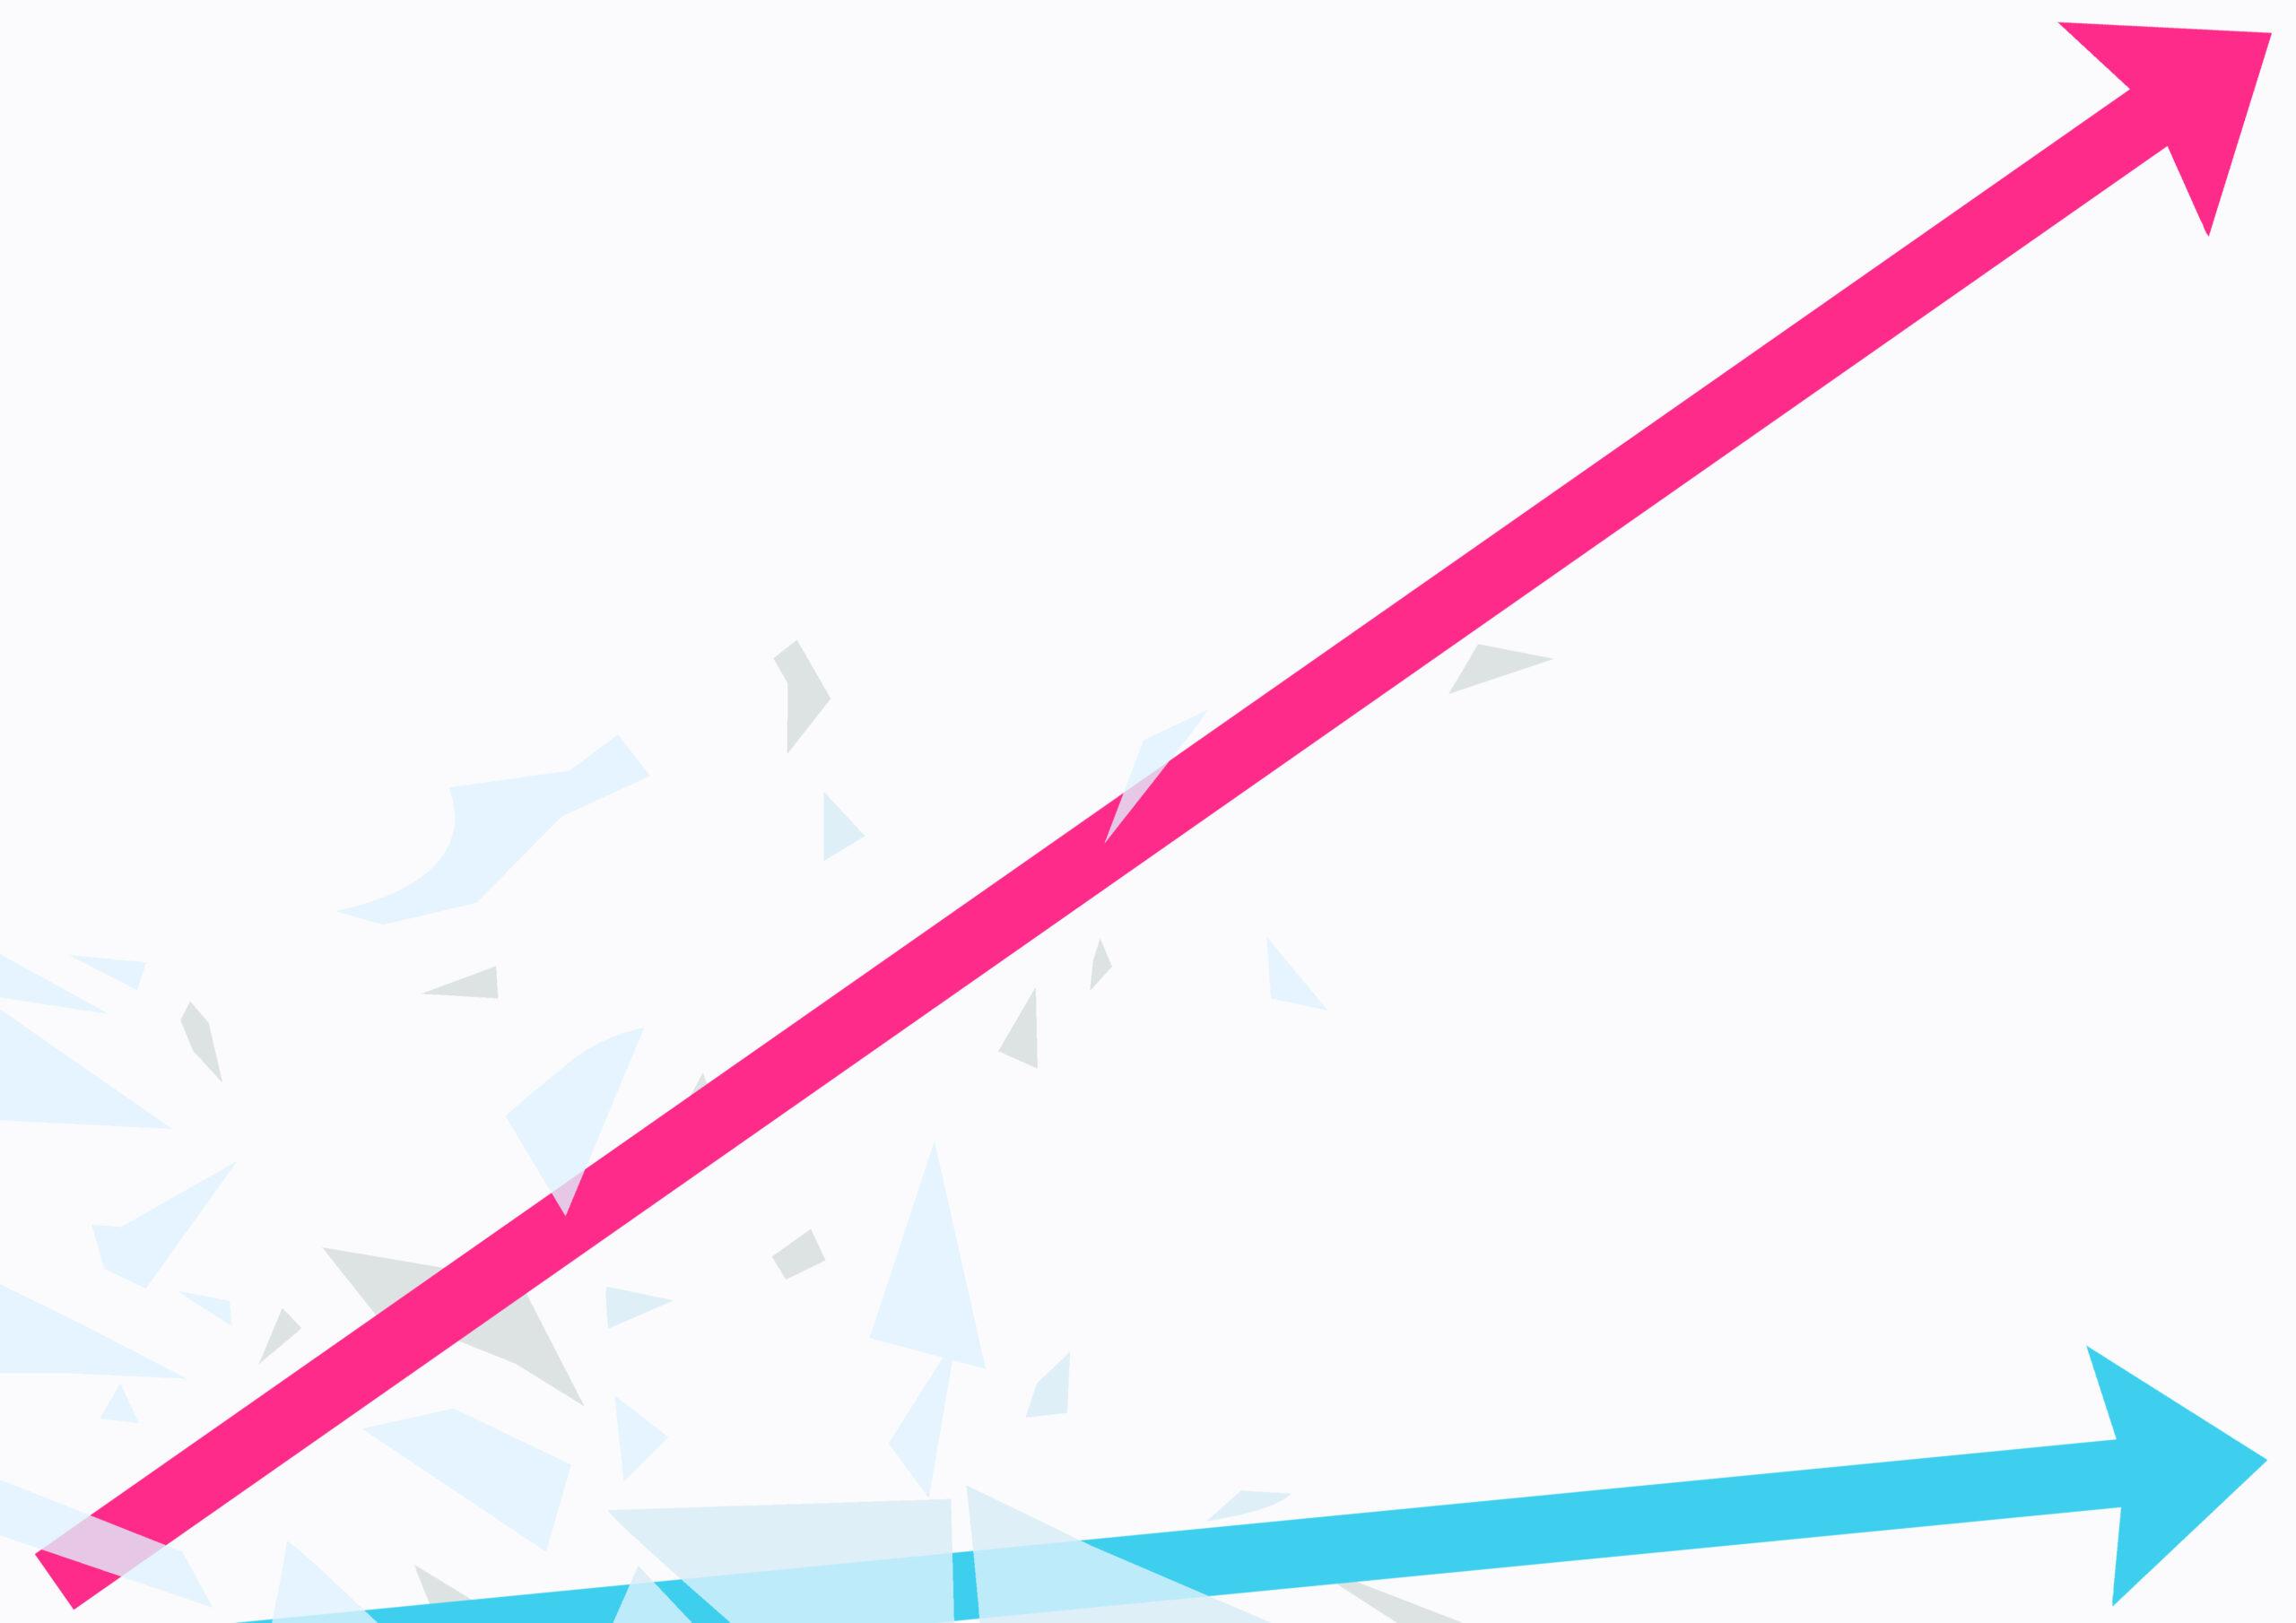 een stijgende rozelijn en een gelijkblijvende blauwe lijn